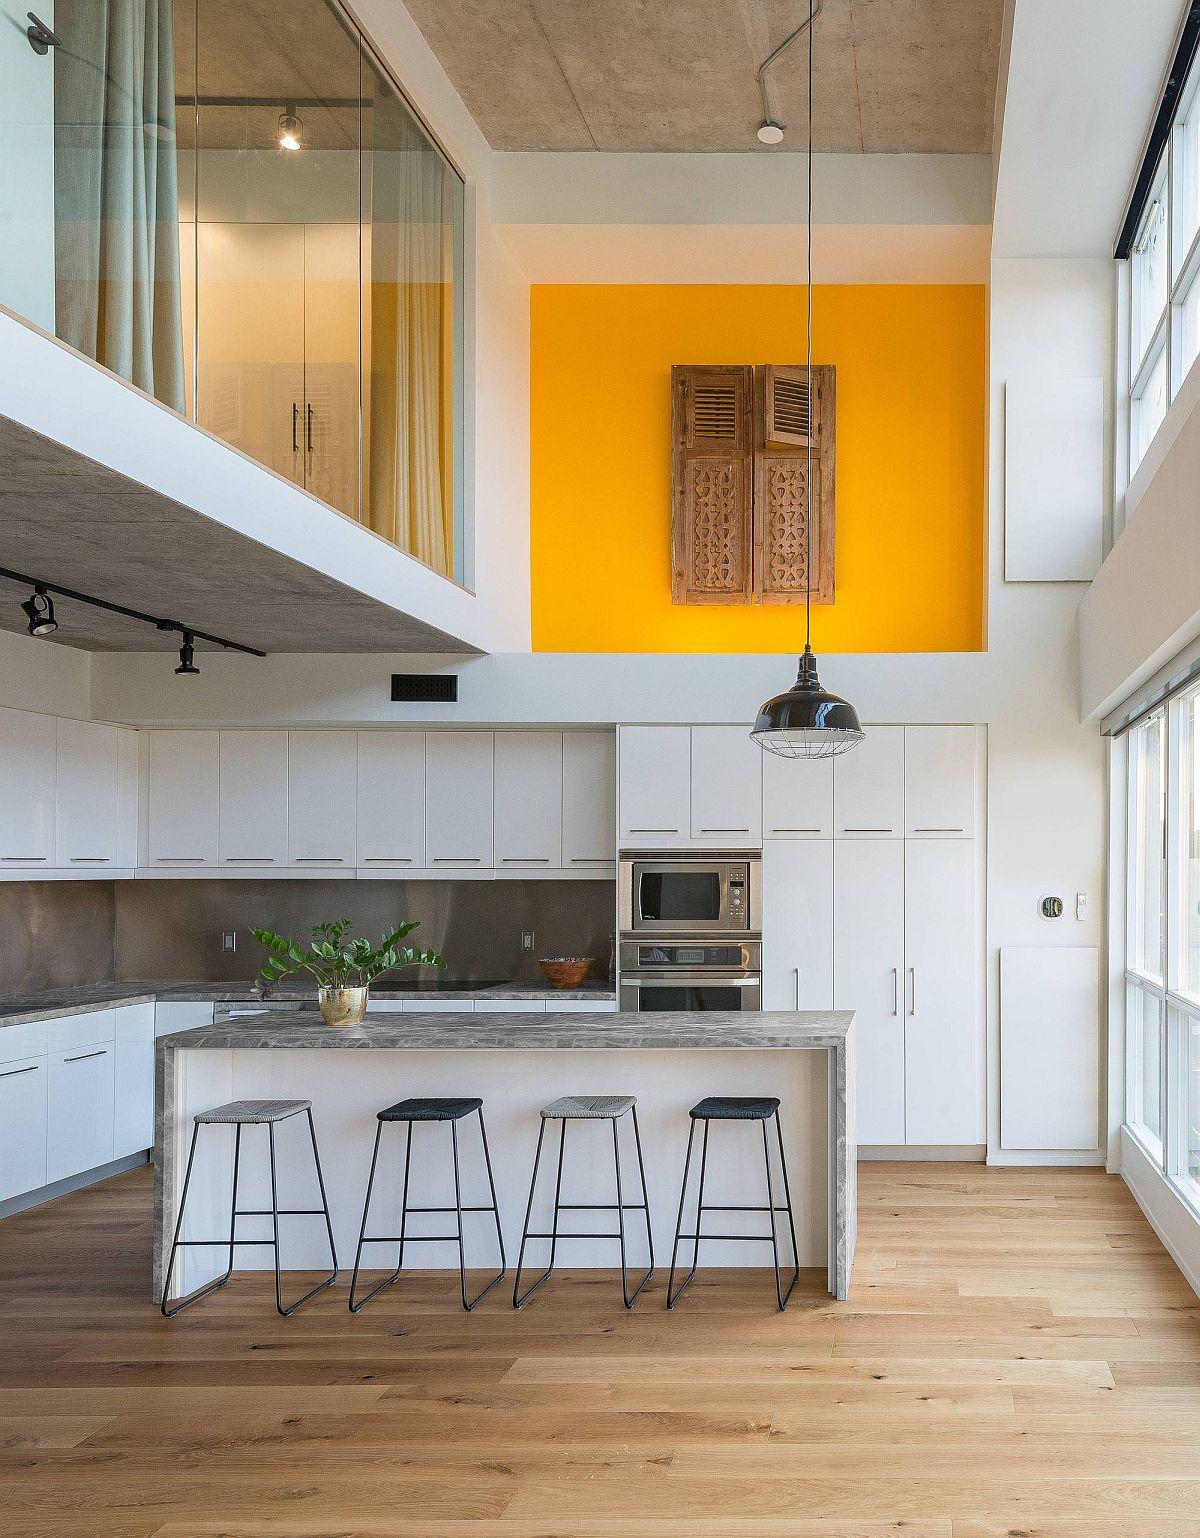 Fabuleuse cuisine contemporaine avec deisgn à double hauteur et une touche de jaune